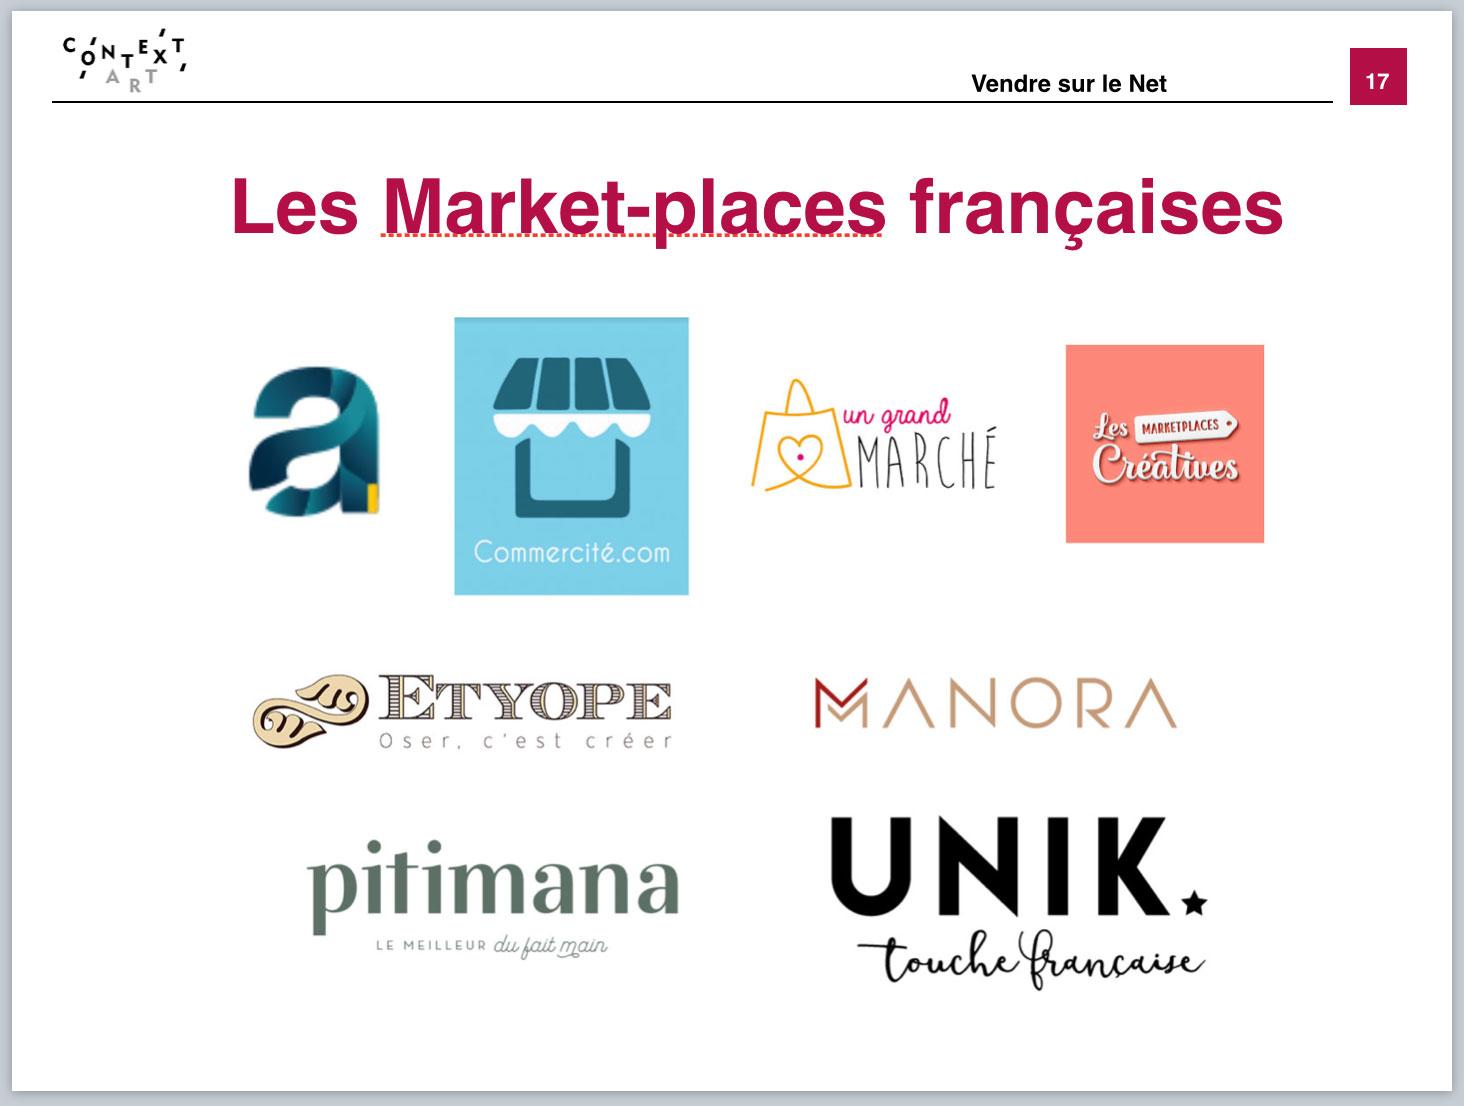 Context'art-David Vincenot-Marketplaces française